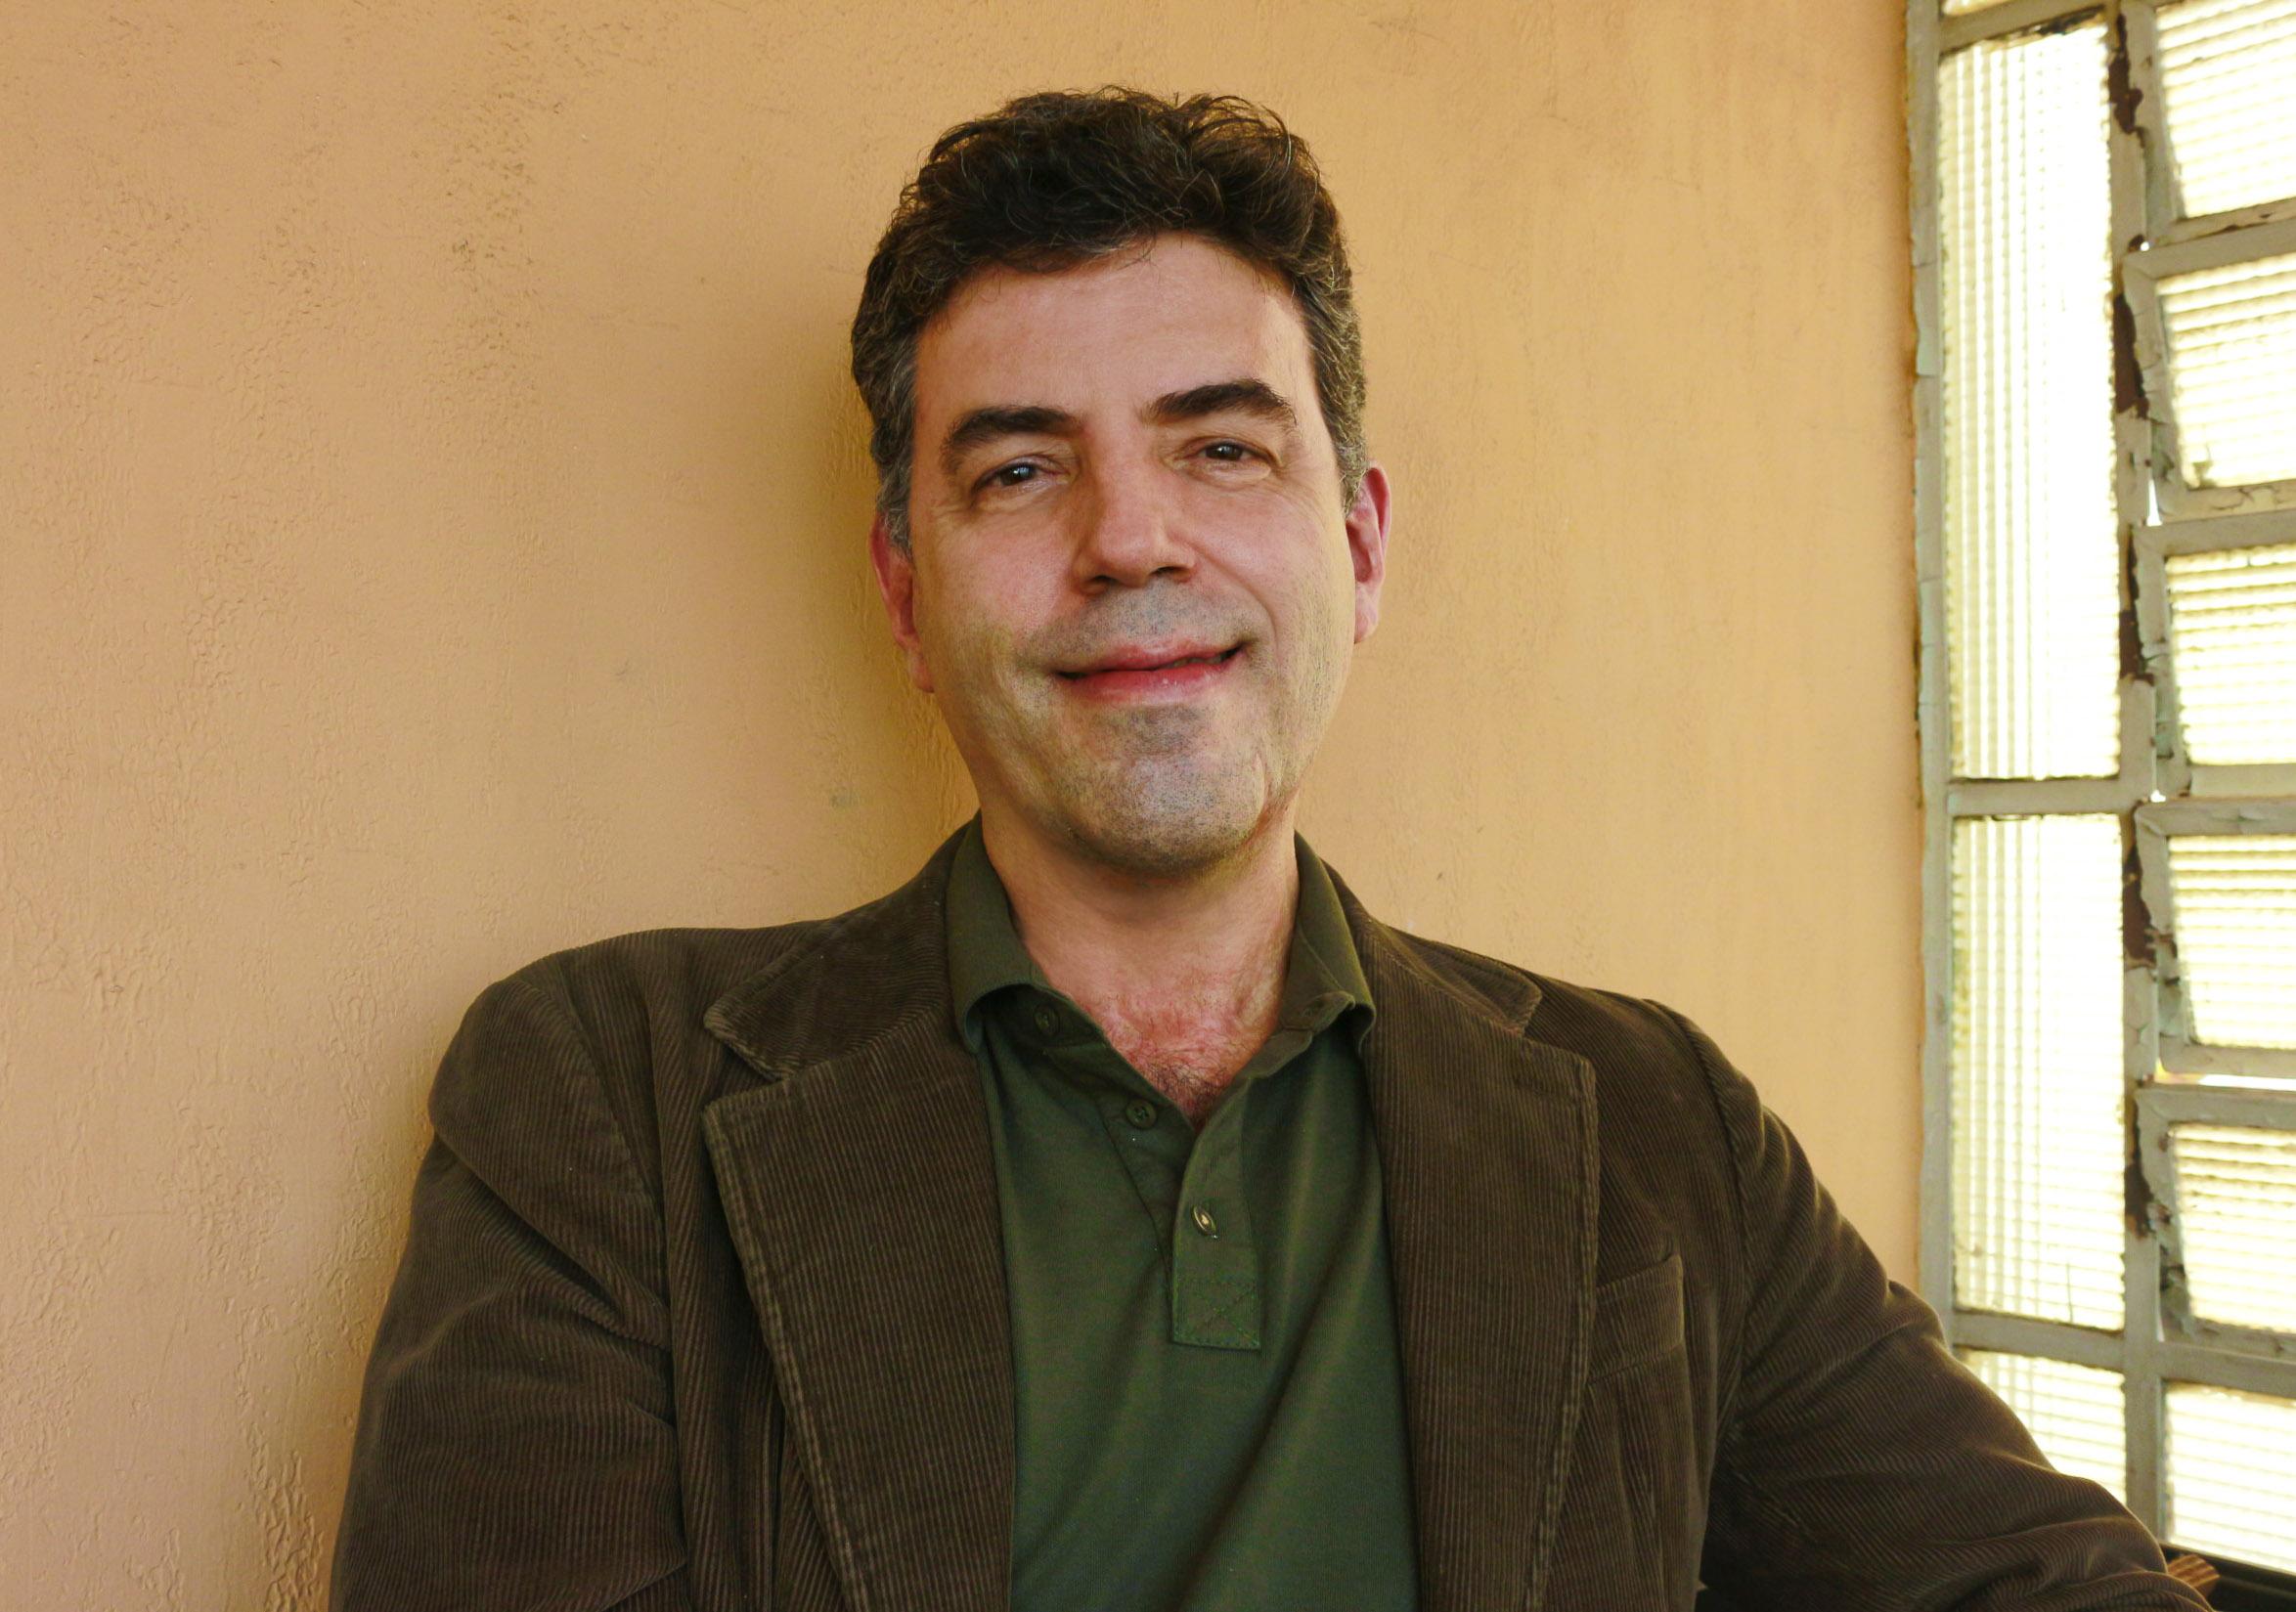 Fernando A. Hettenhausen